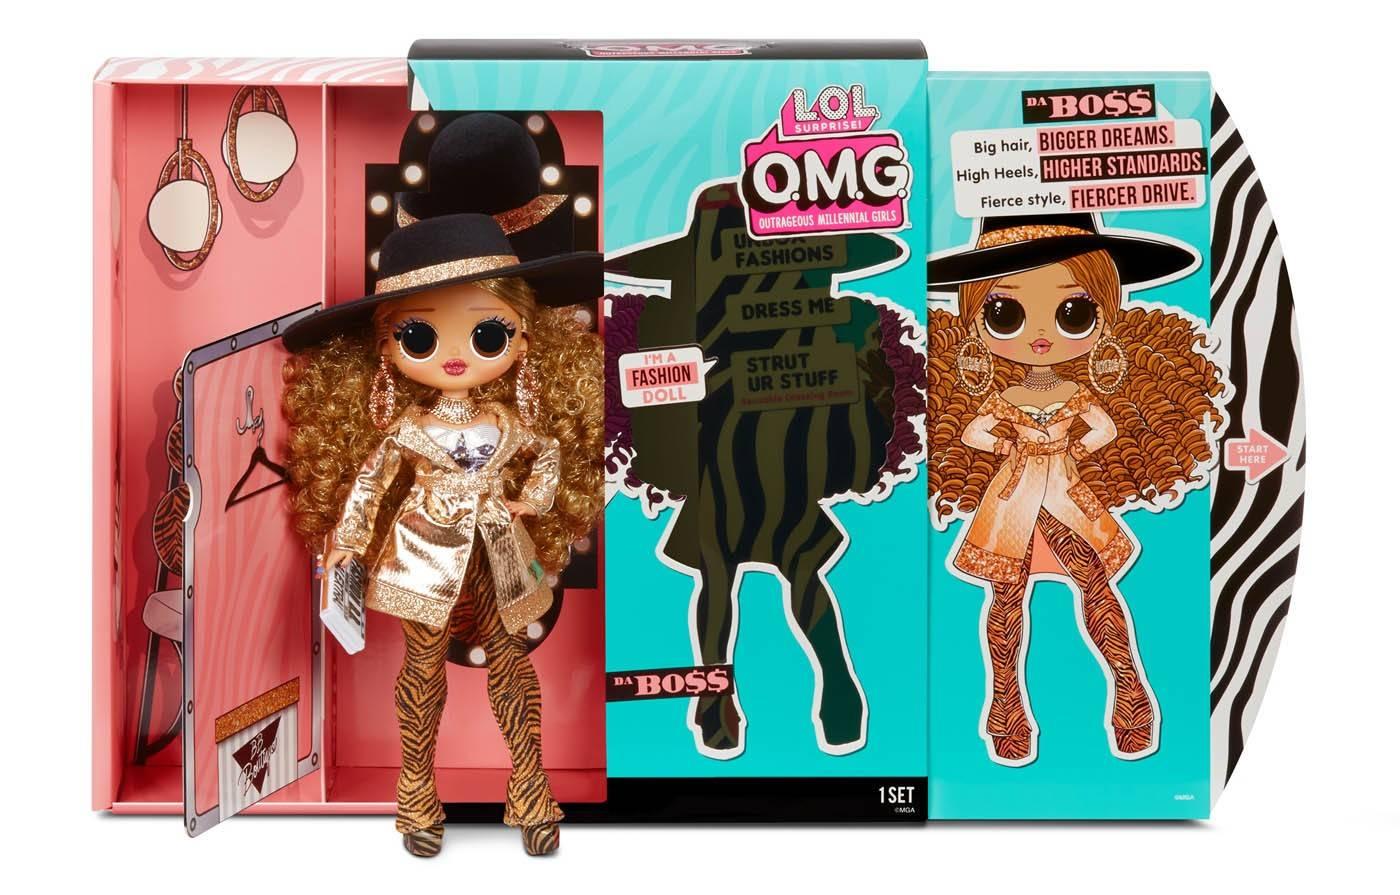 LOL Da Boss lalka pudełko